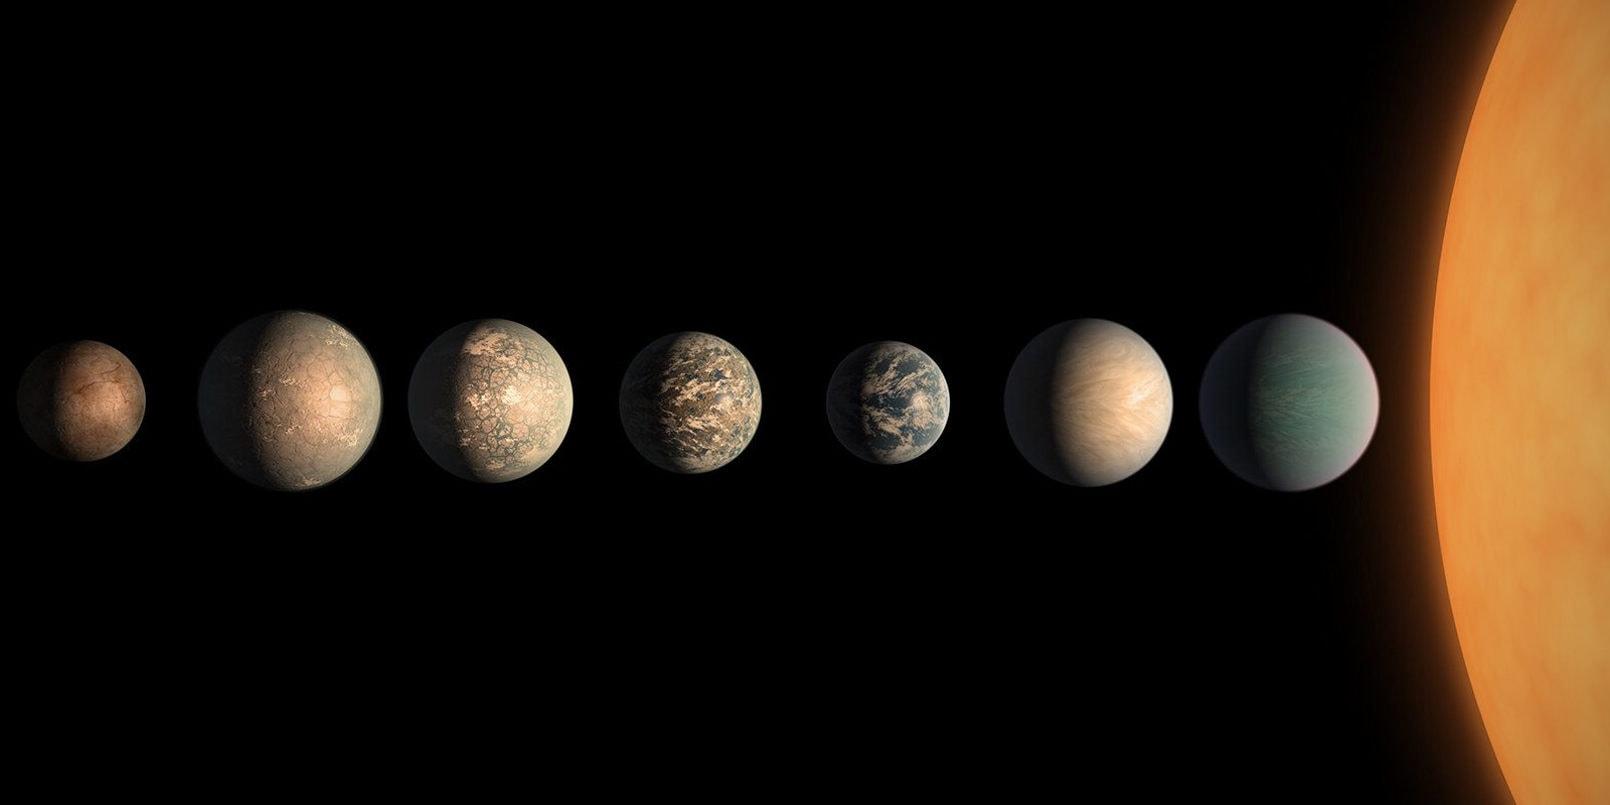 Астрономы обнаружили экзопланеты с большим разнообразием жизни, чем на Земле